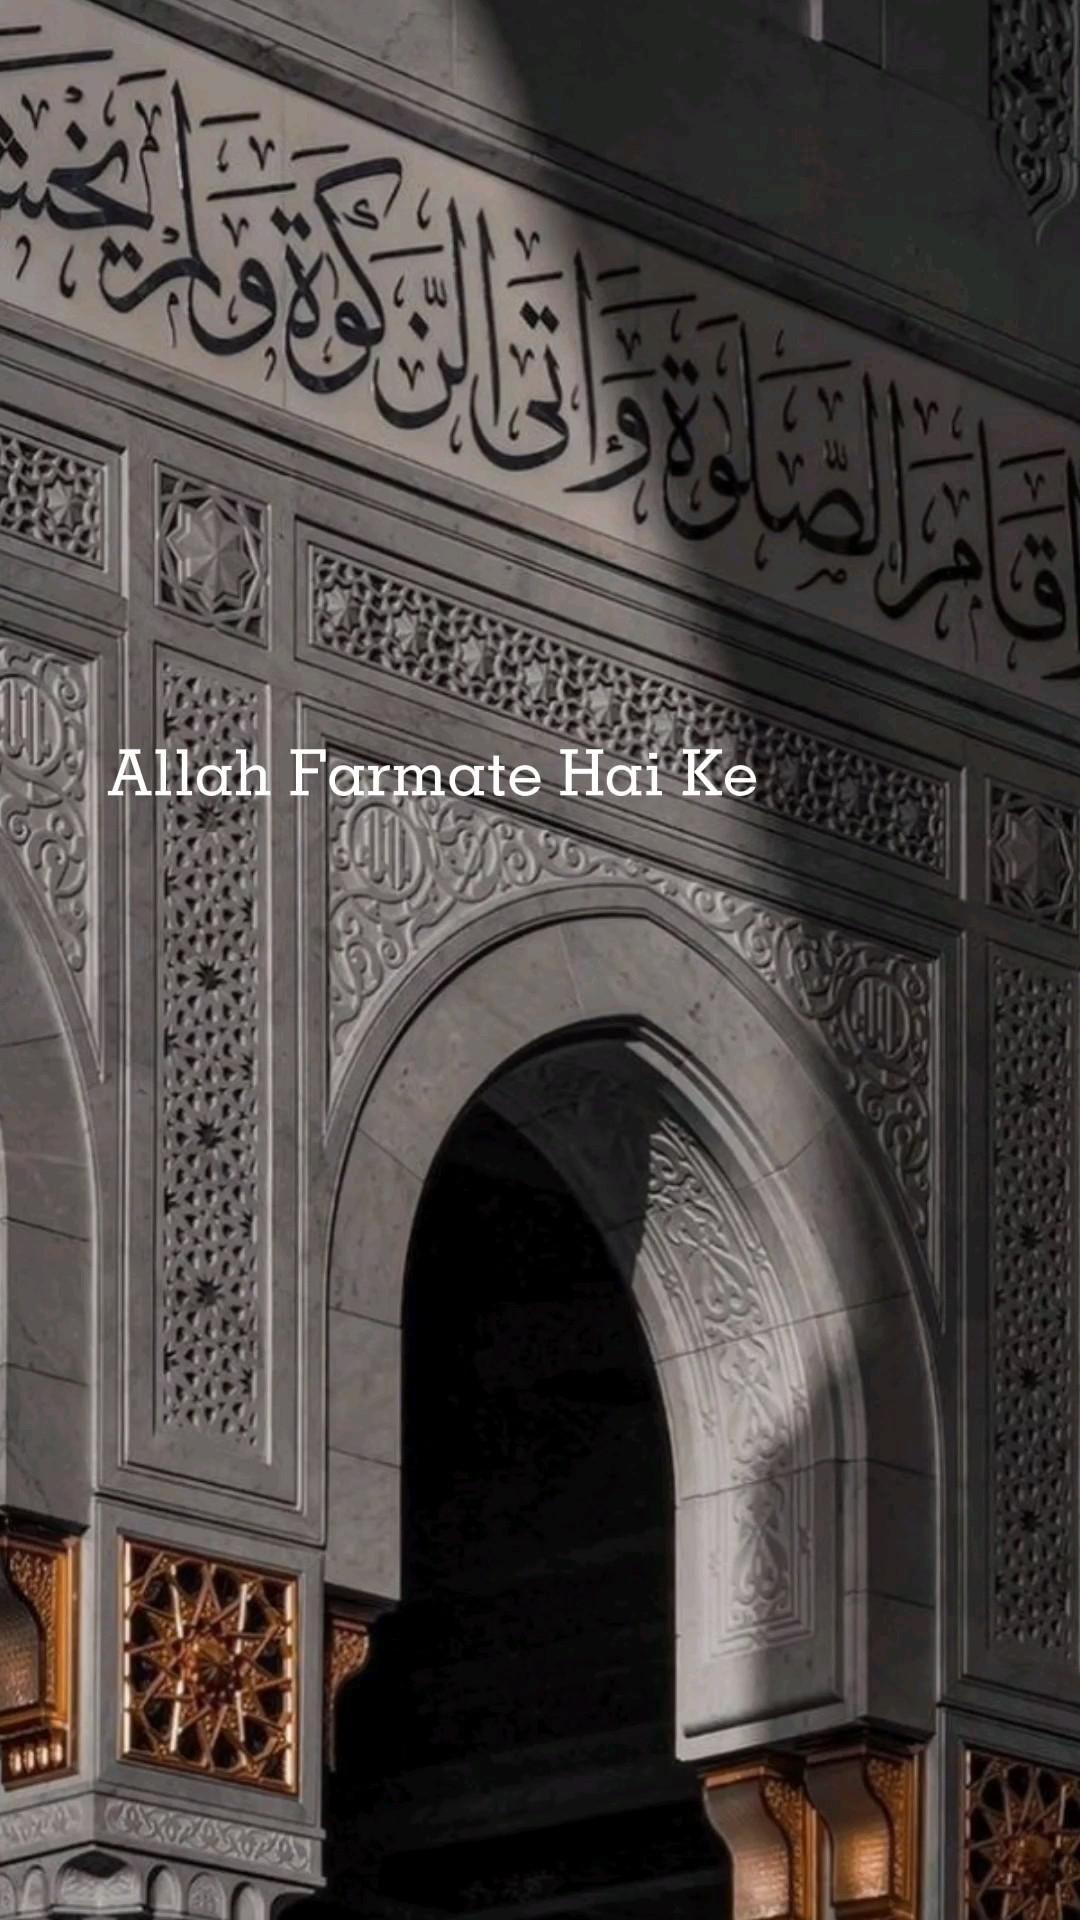 Allah farmate hai: